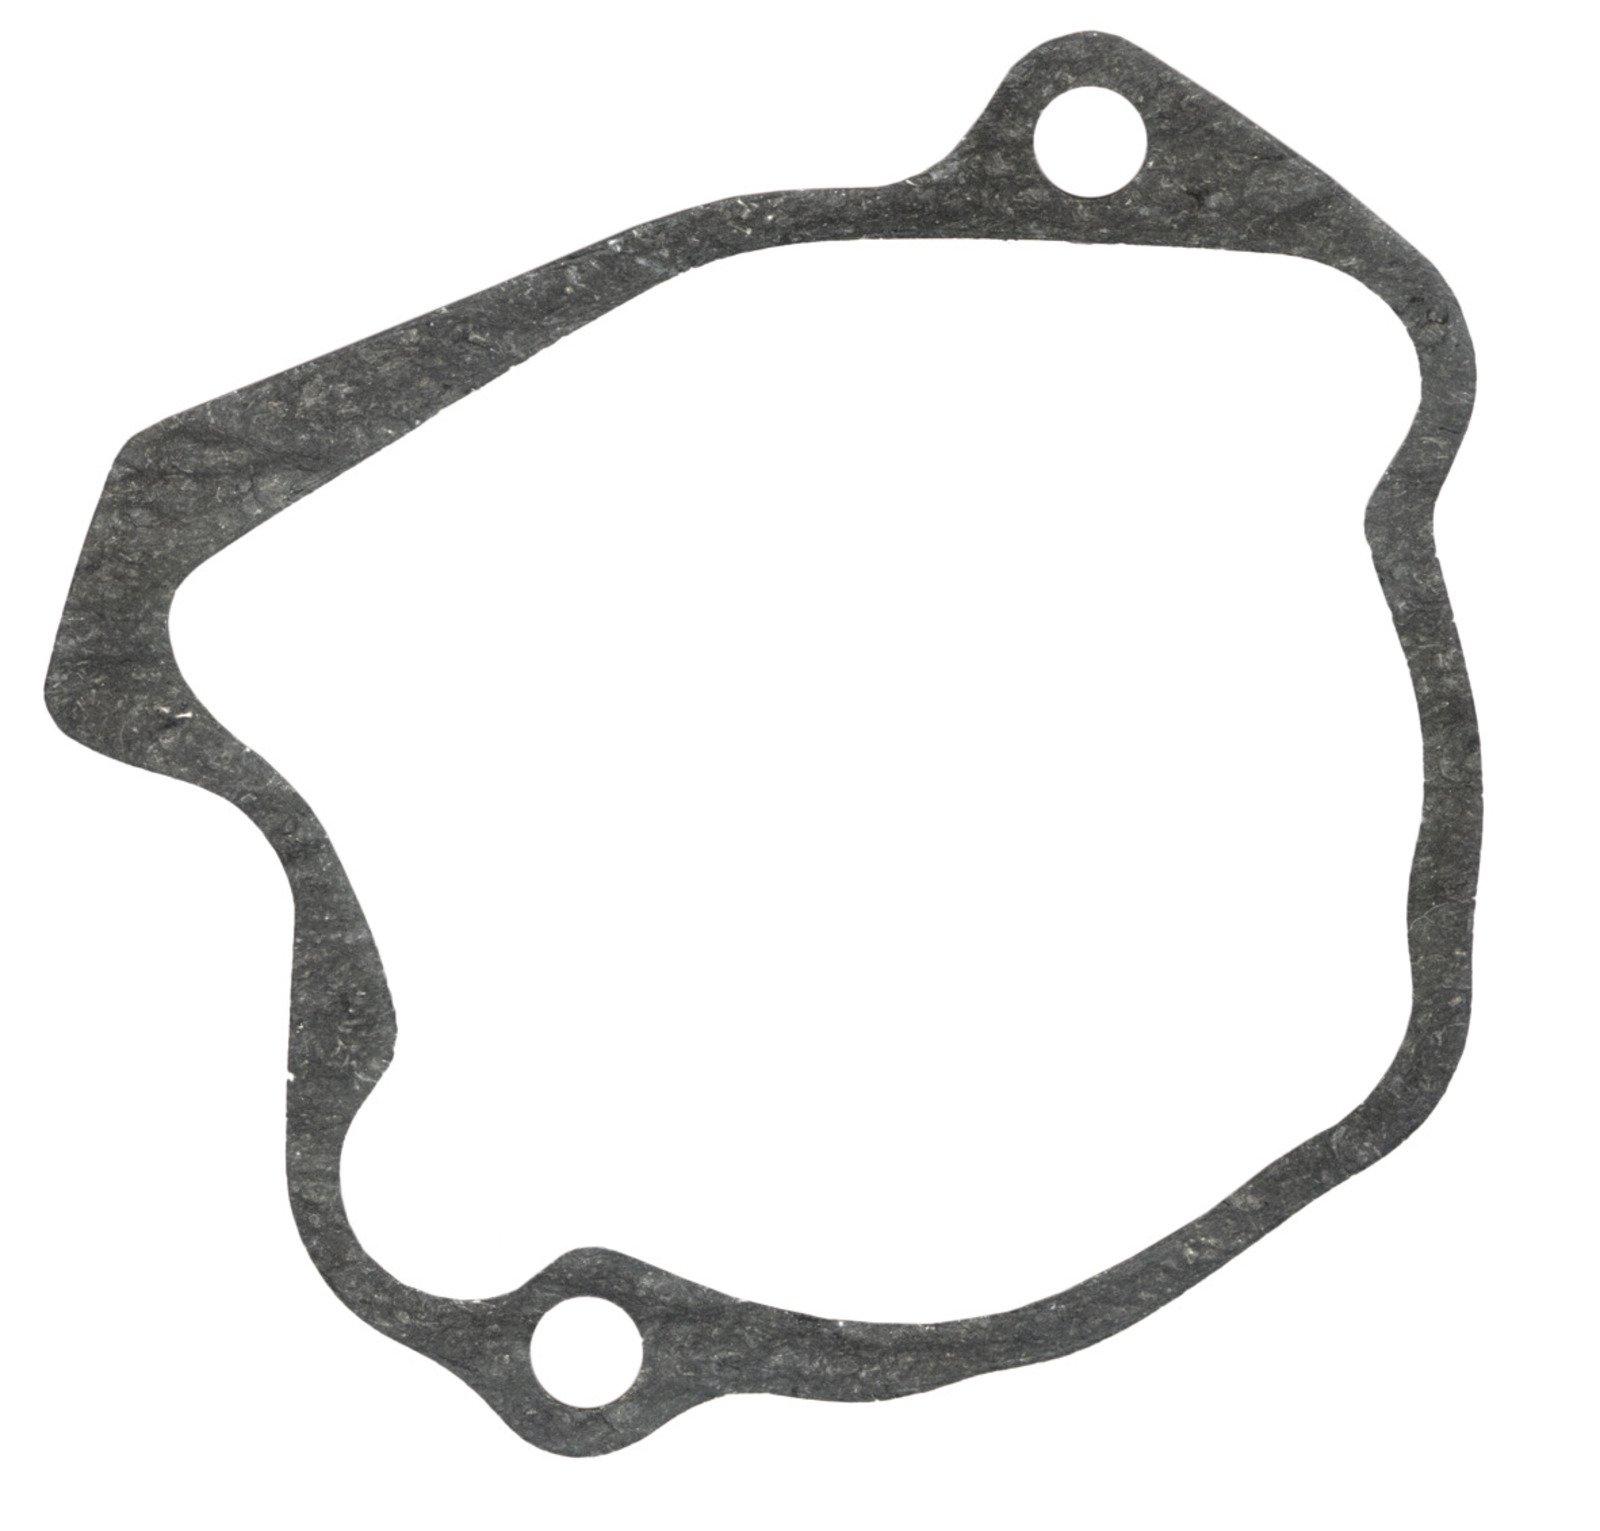 Gasket Breaker Cover TT500 XT500 583-15457-00-00  1-144